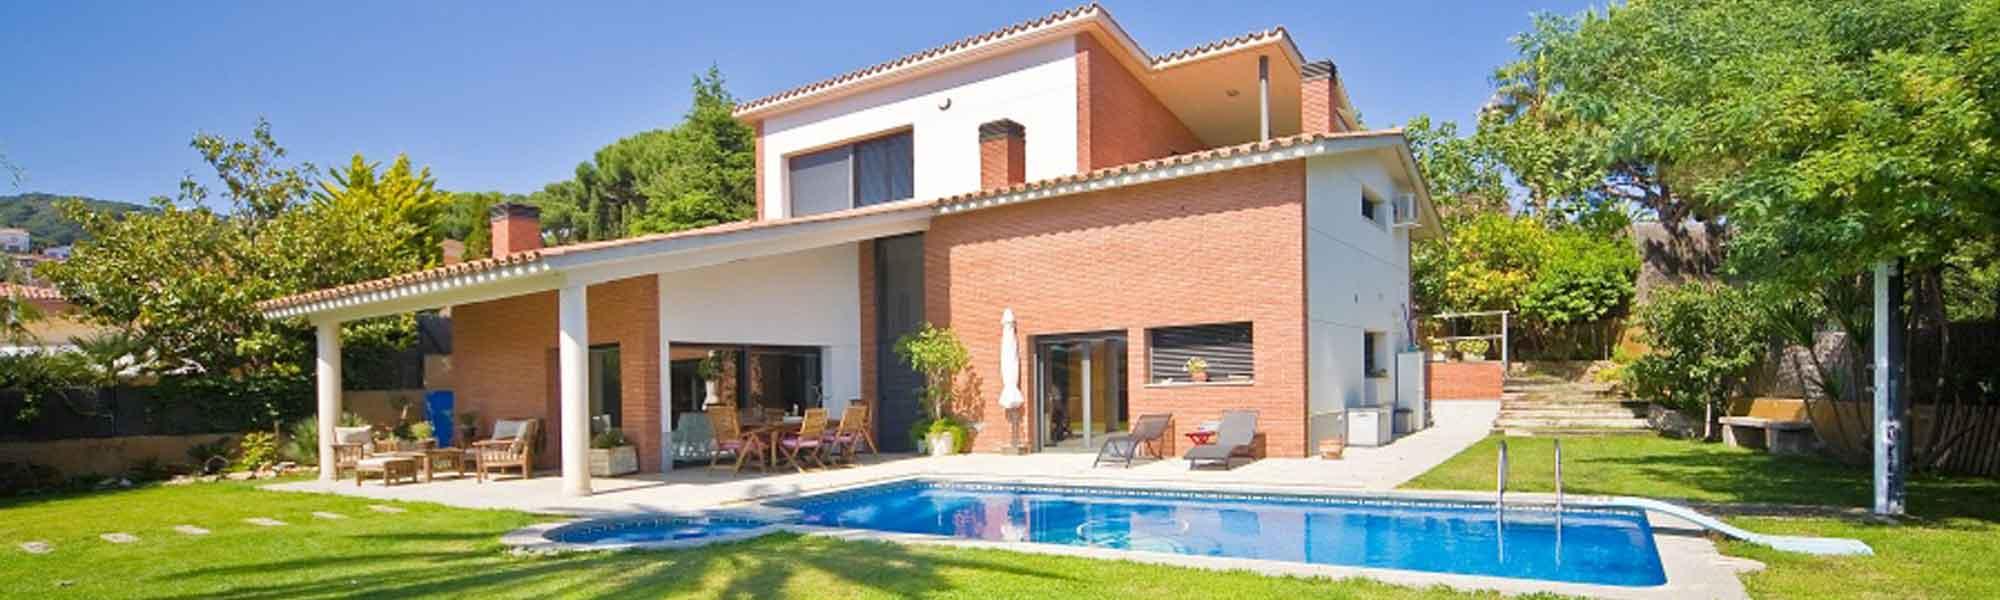 Villa de alto standing con inmejorables vistas al mar - CalellaRef. V1690MA